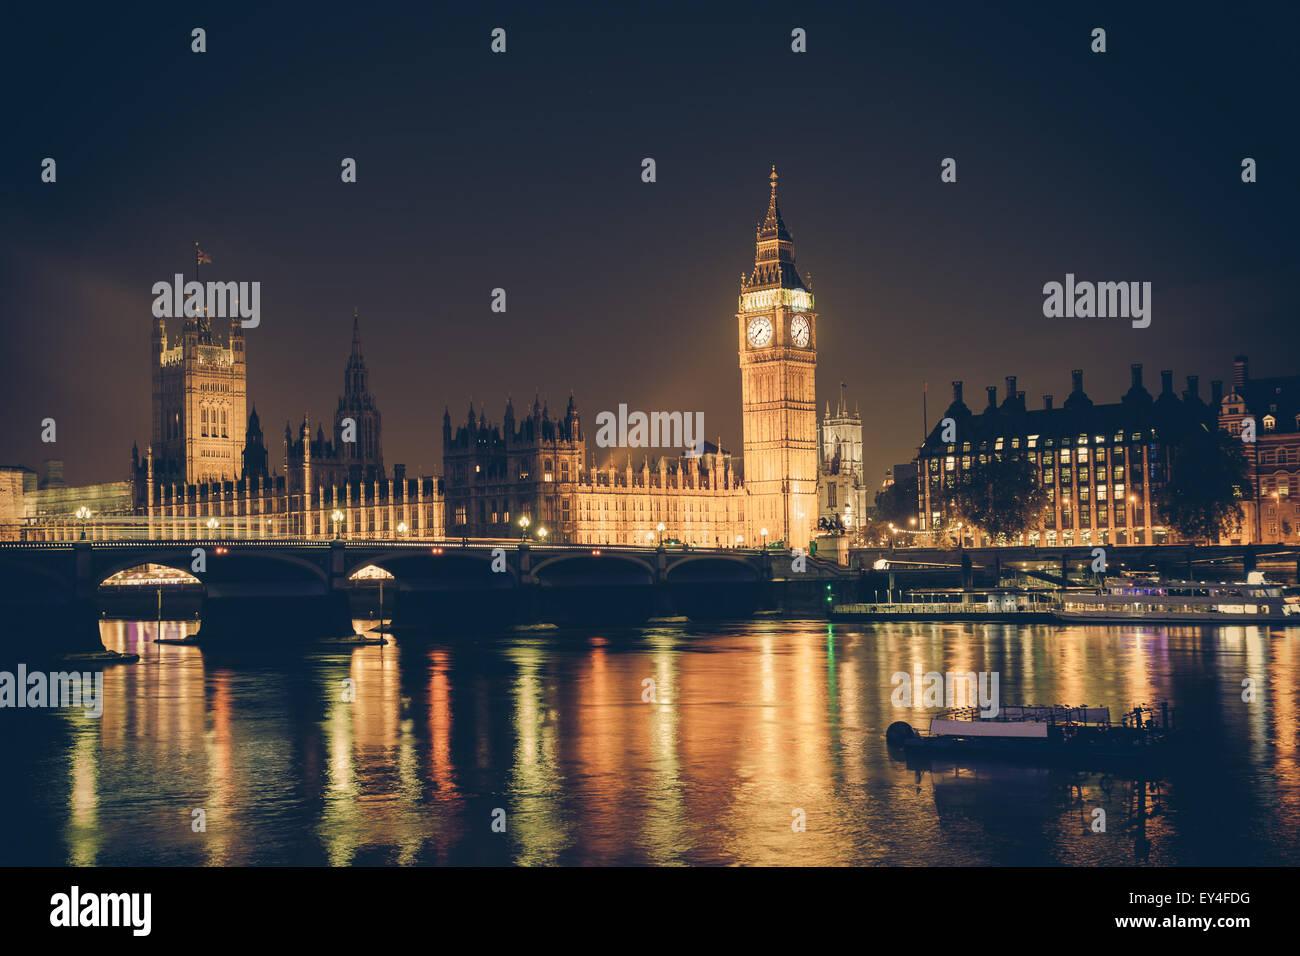 Blick auf Big Ben und Westminster über Themse bei Nacht.  Dieses Bild hat einen Retro-Filtereffekt Stockfoto